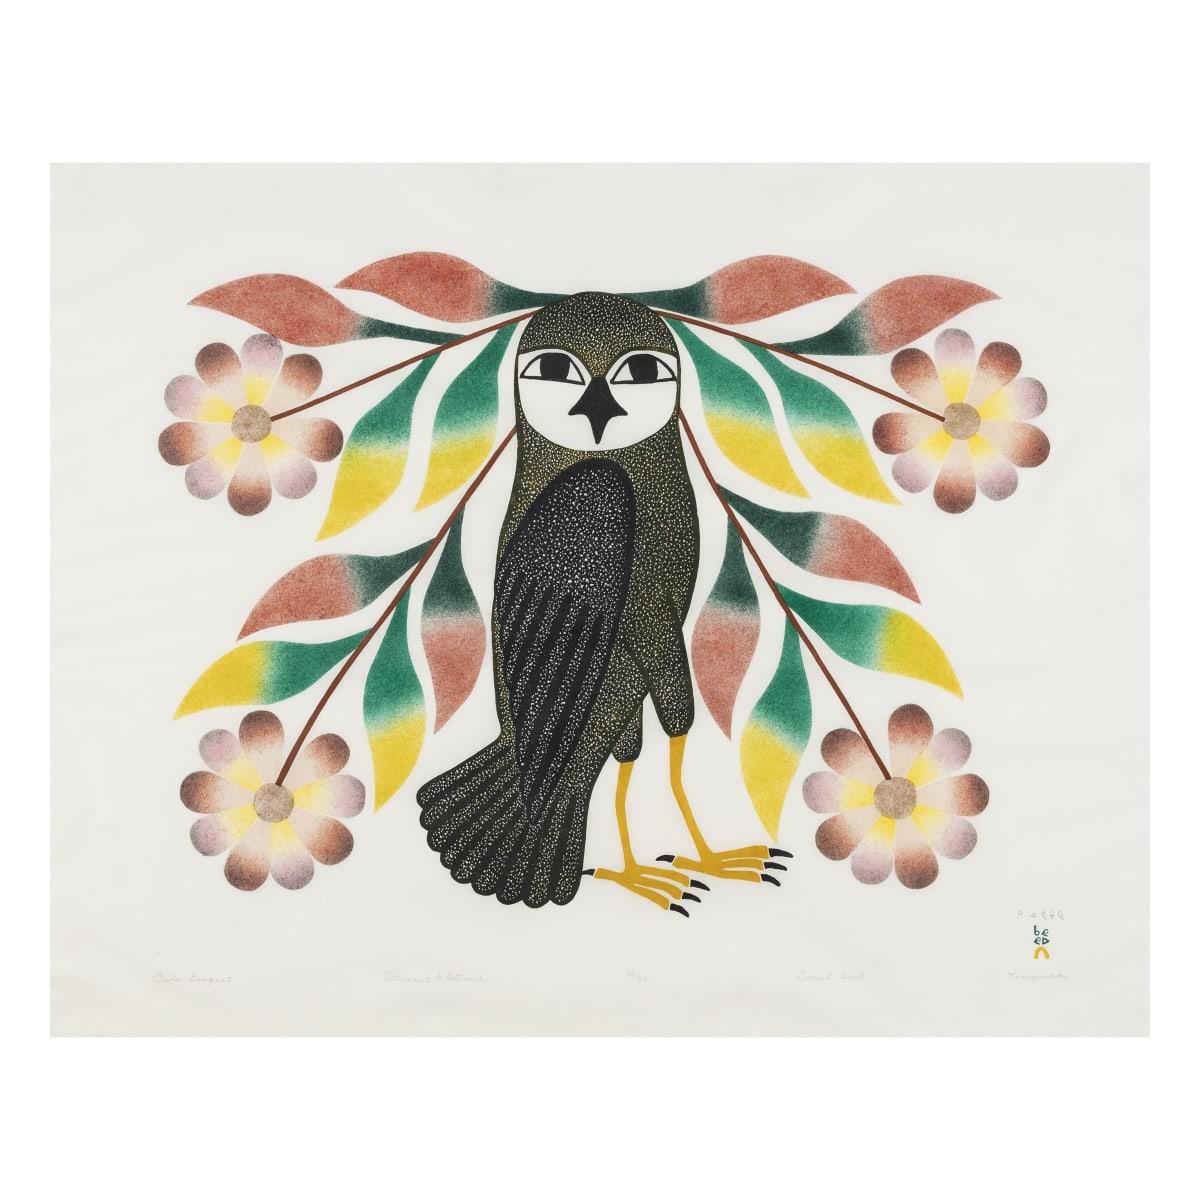 KENOJUAK ASHEVAK, C.C., R.C.A (1927-2013) KINNGAIT (CAPE DORSET) Owl's Bouquet, 2007 REALIZED: $7,800